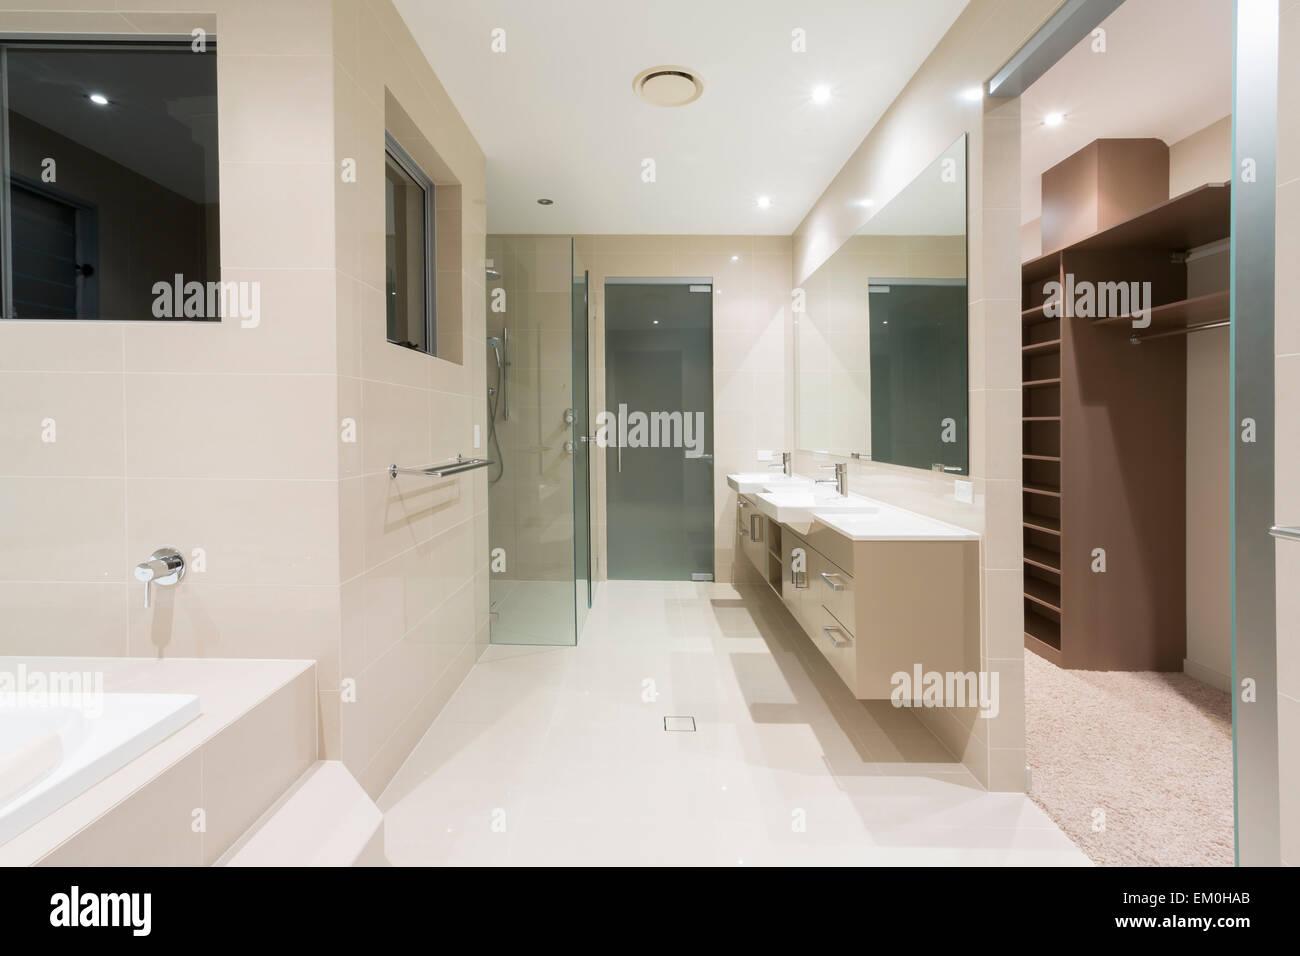 Moderne Badezimmer mit Spa und Spaziergang im Gewand Stockfoto, Bild ...